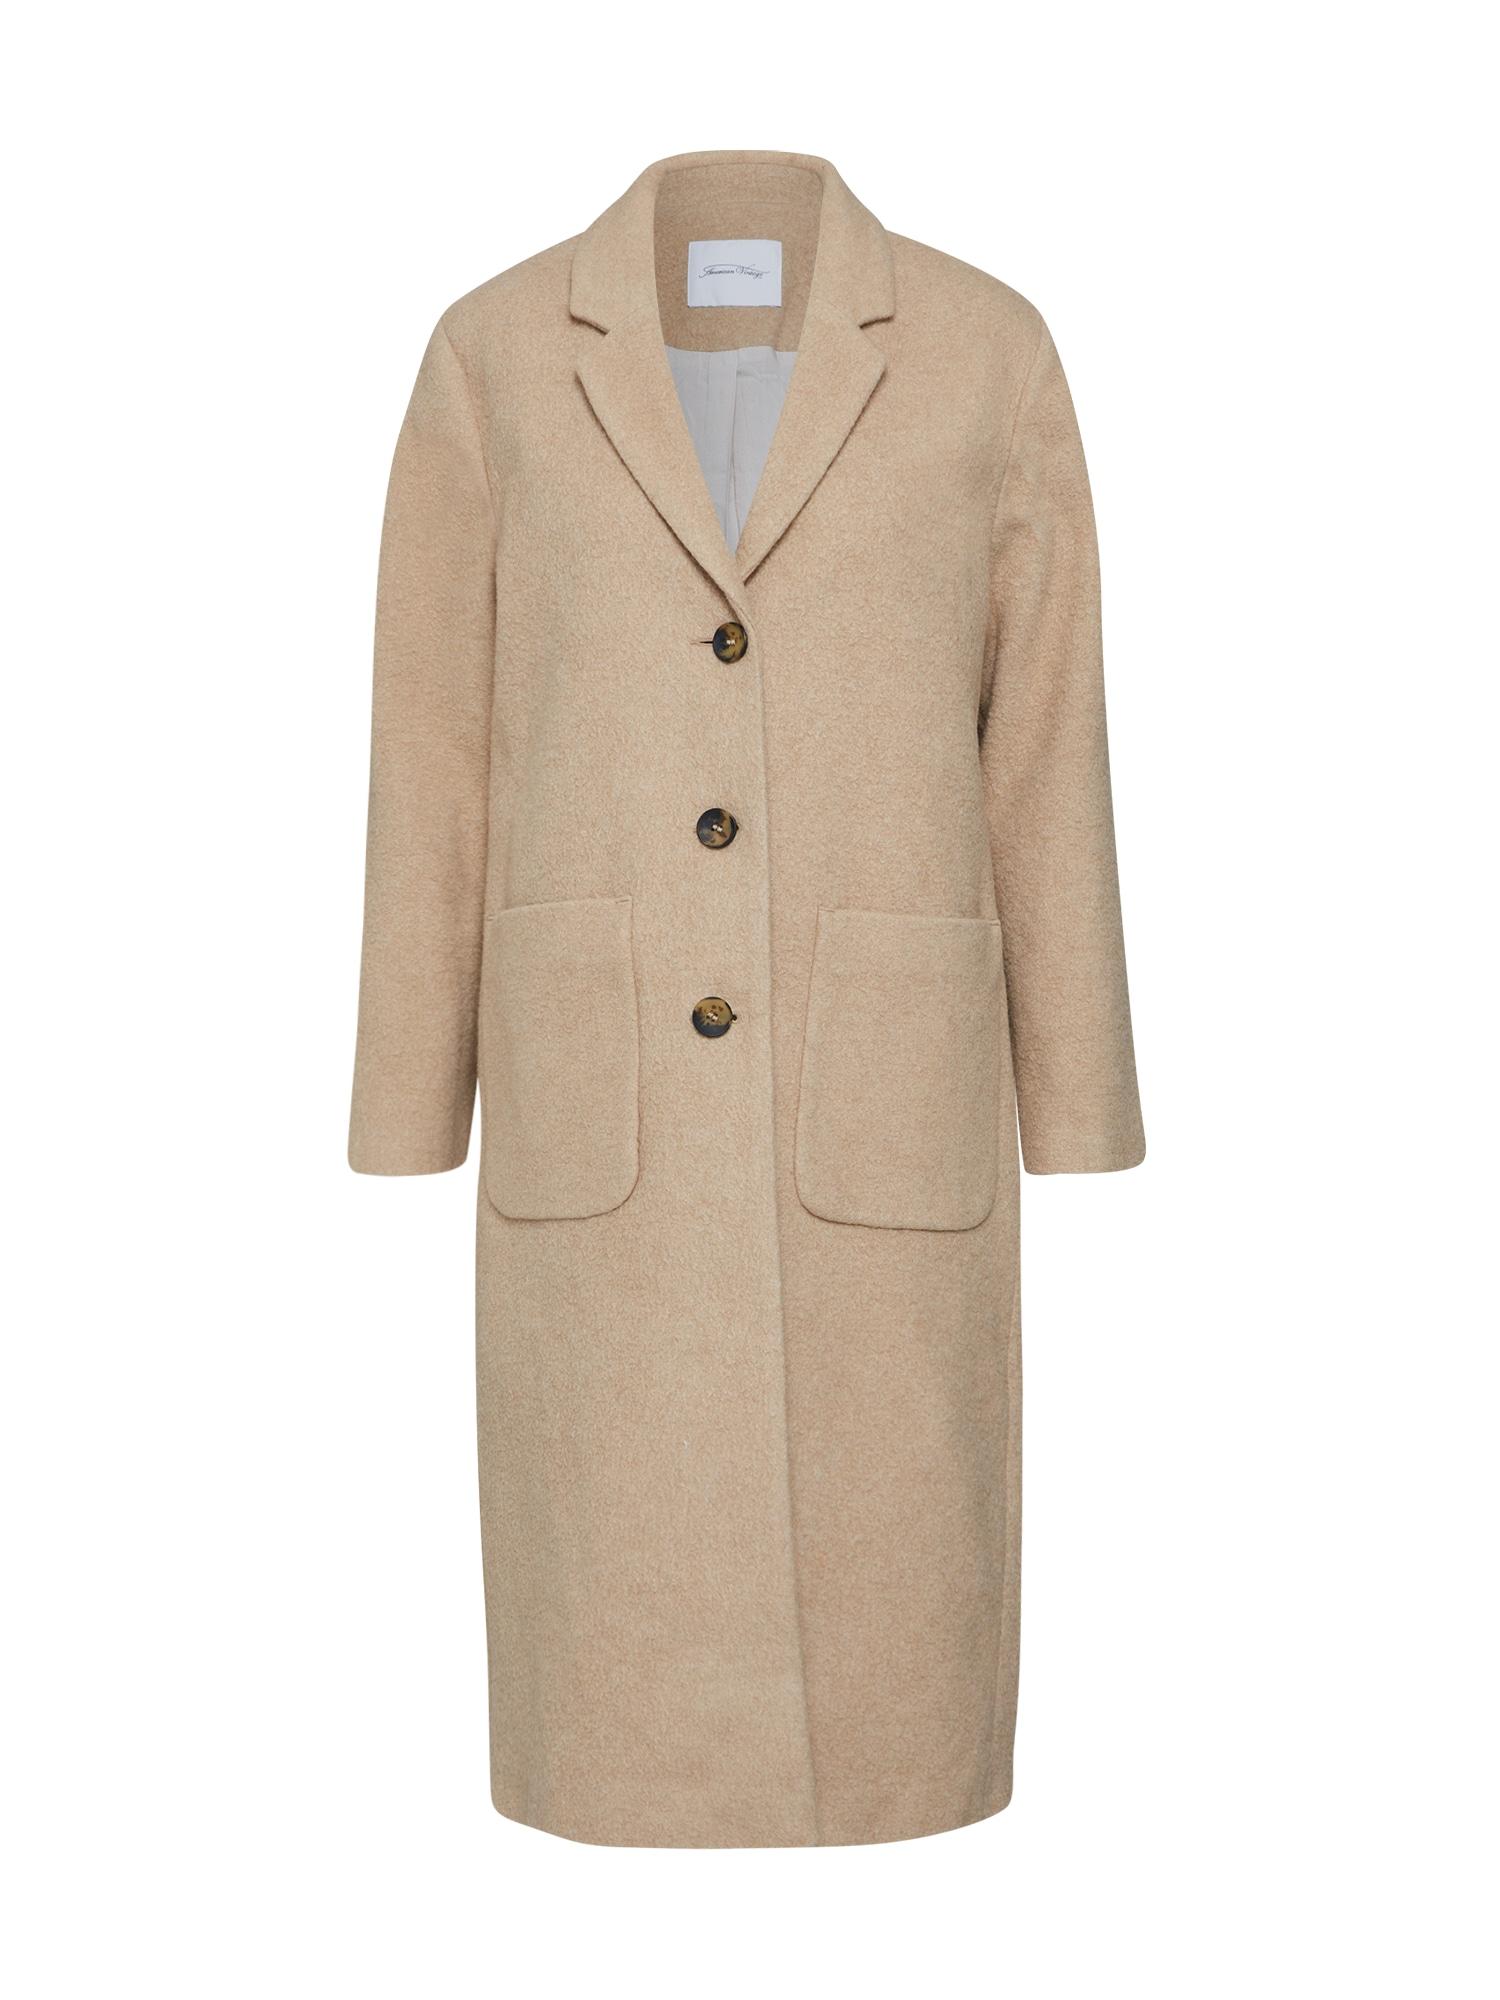 Zimní kabát BEBVALLEY béžová AMERICAN VINTAGE